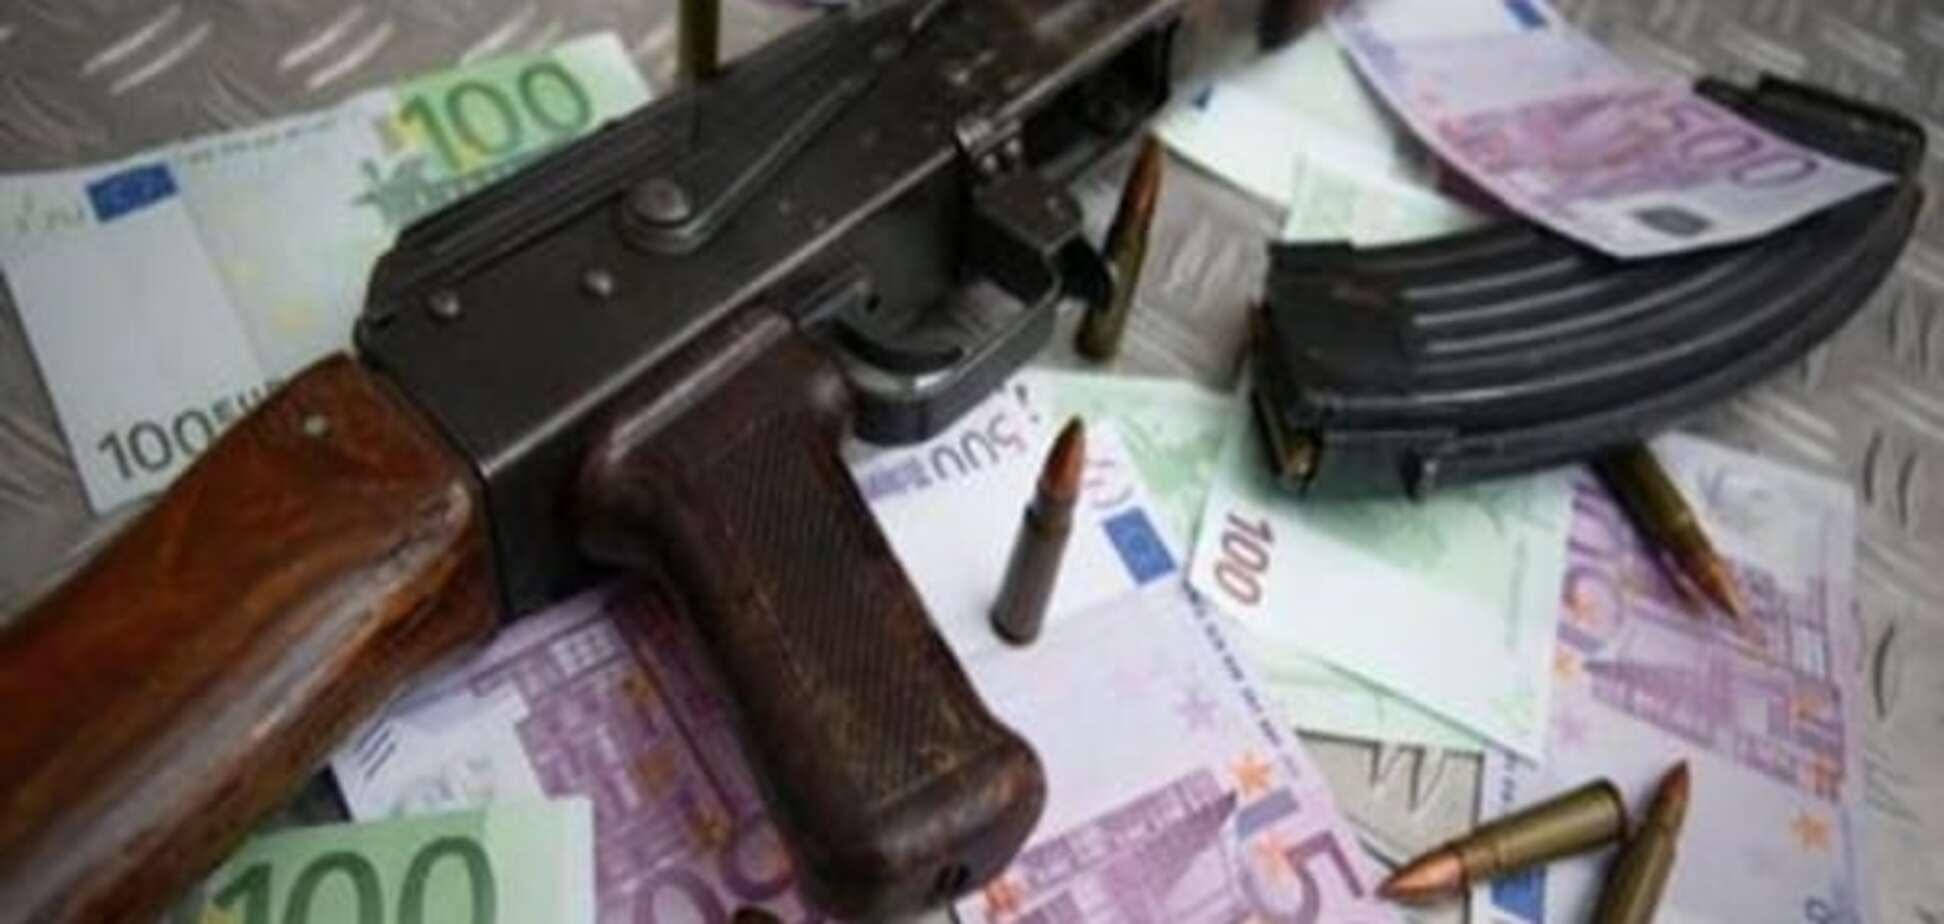 Зброя терористів: чи можна в Німеччині придбати автомат Калашникова?